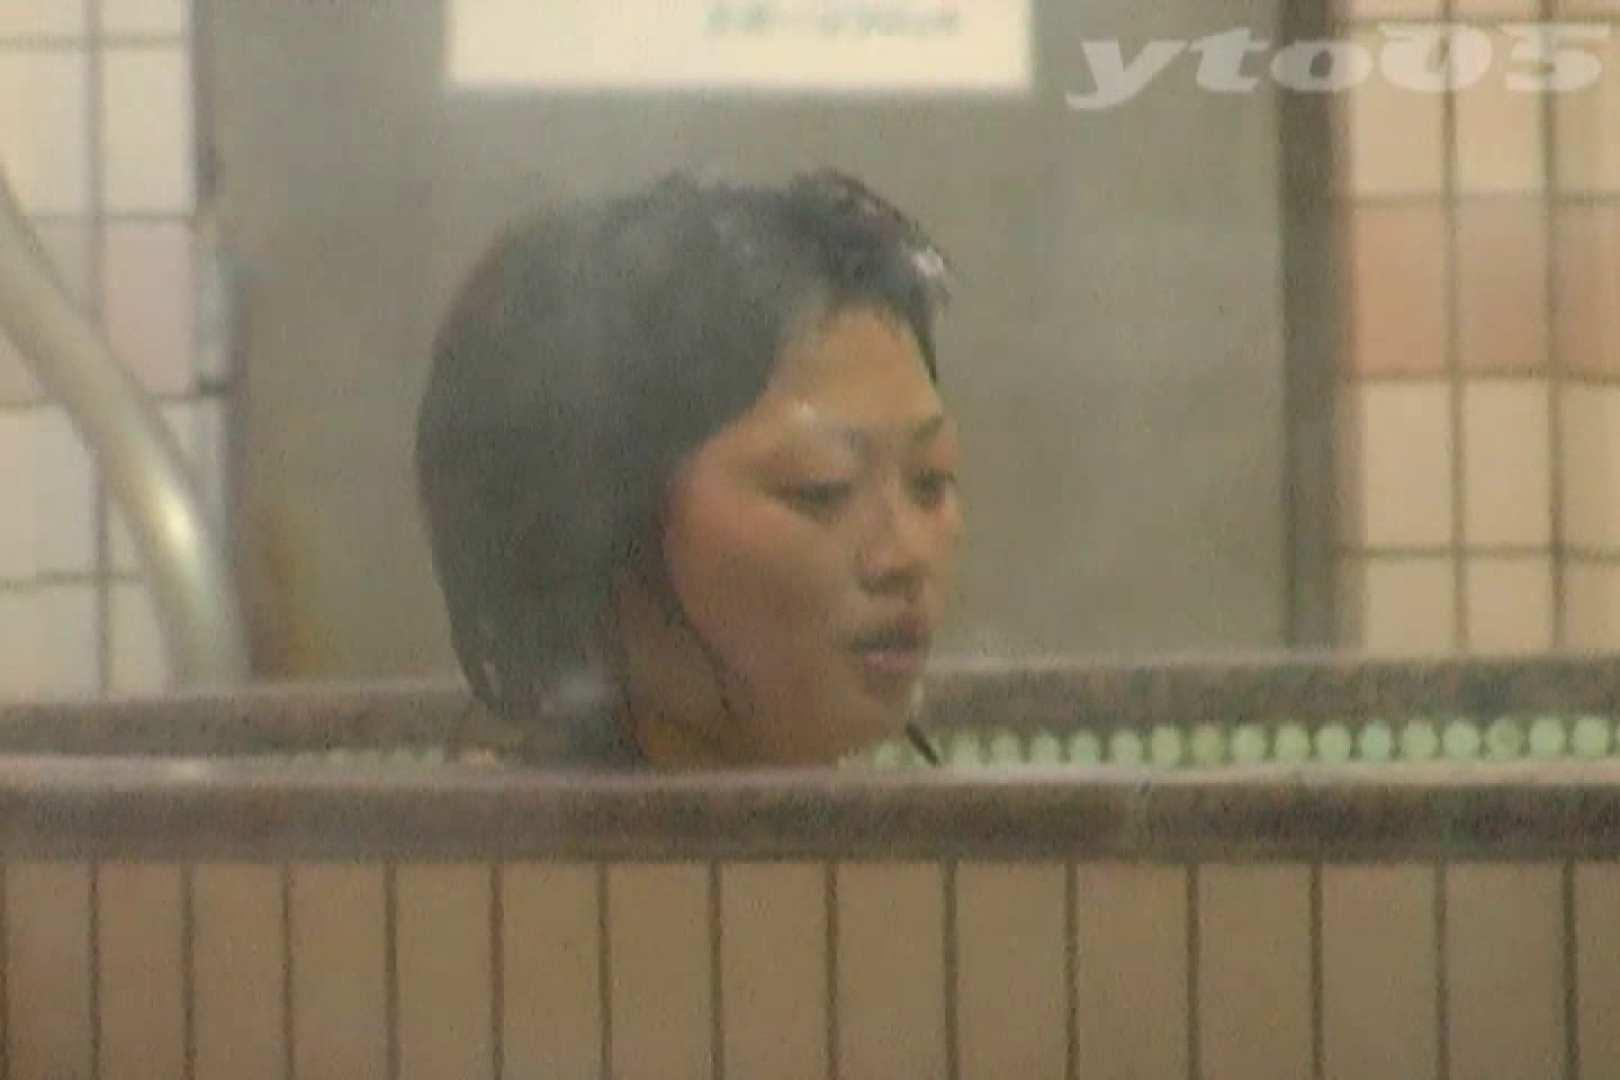 ▲復活限定▲合宿ホテル女風呂盗撮 Vol.28 OLの実態   期間限定  17pic 1